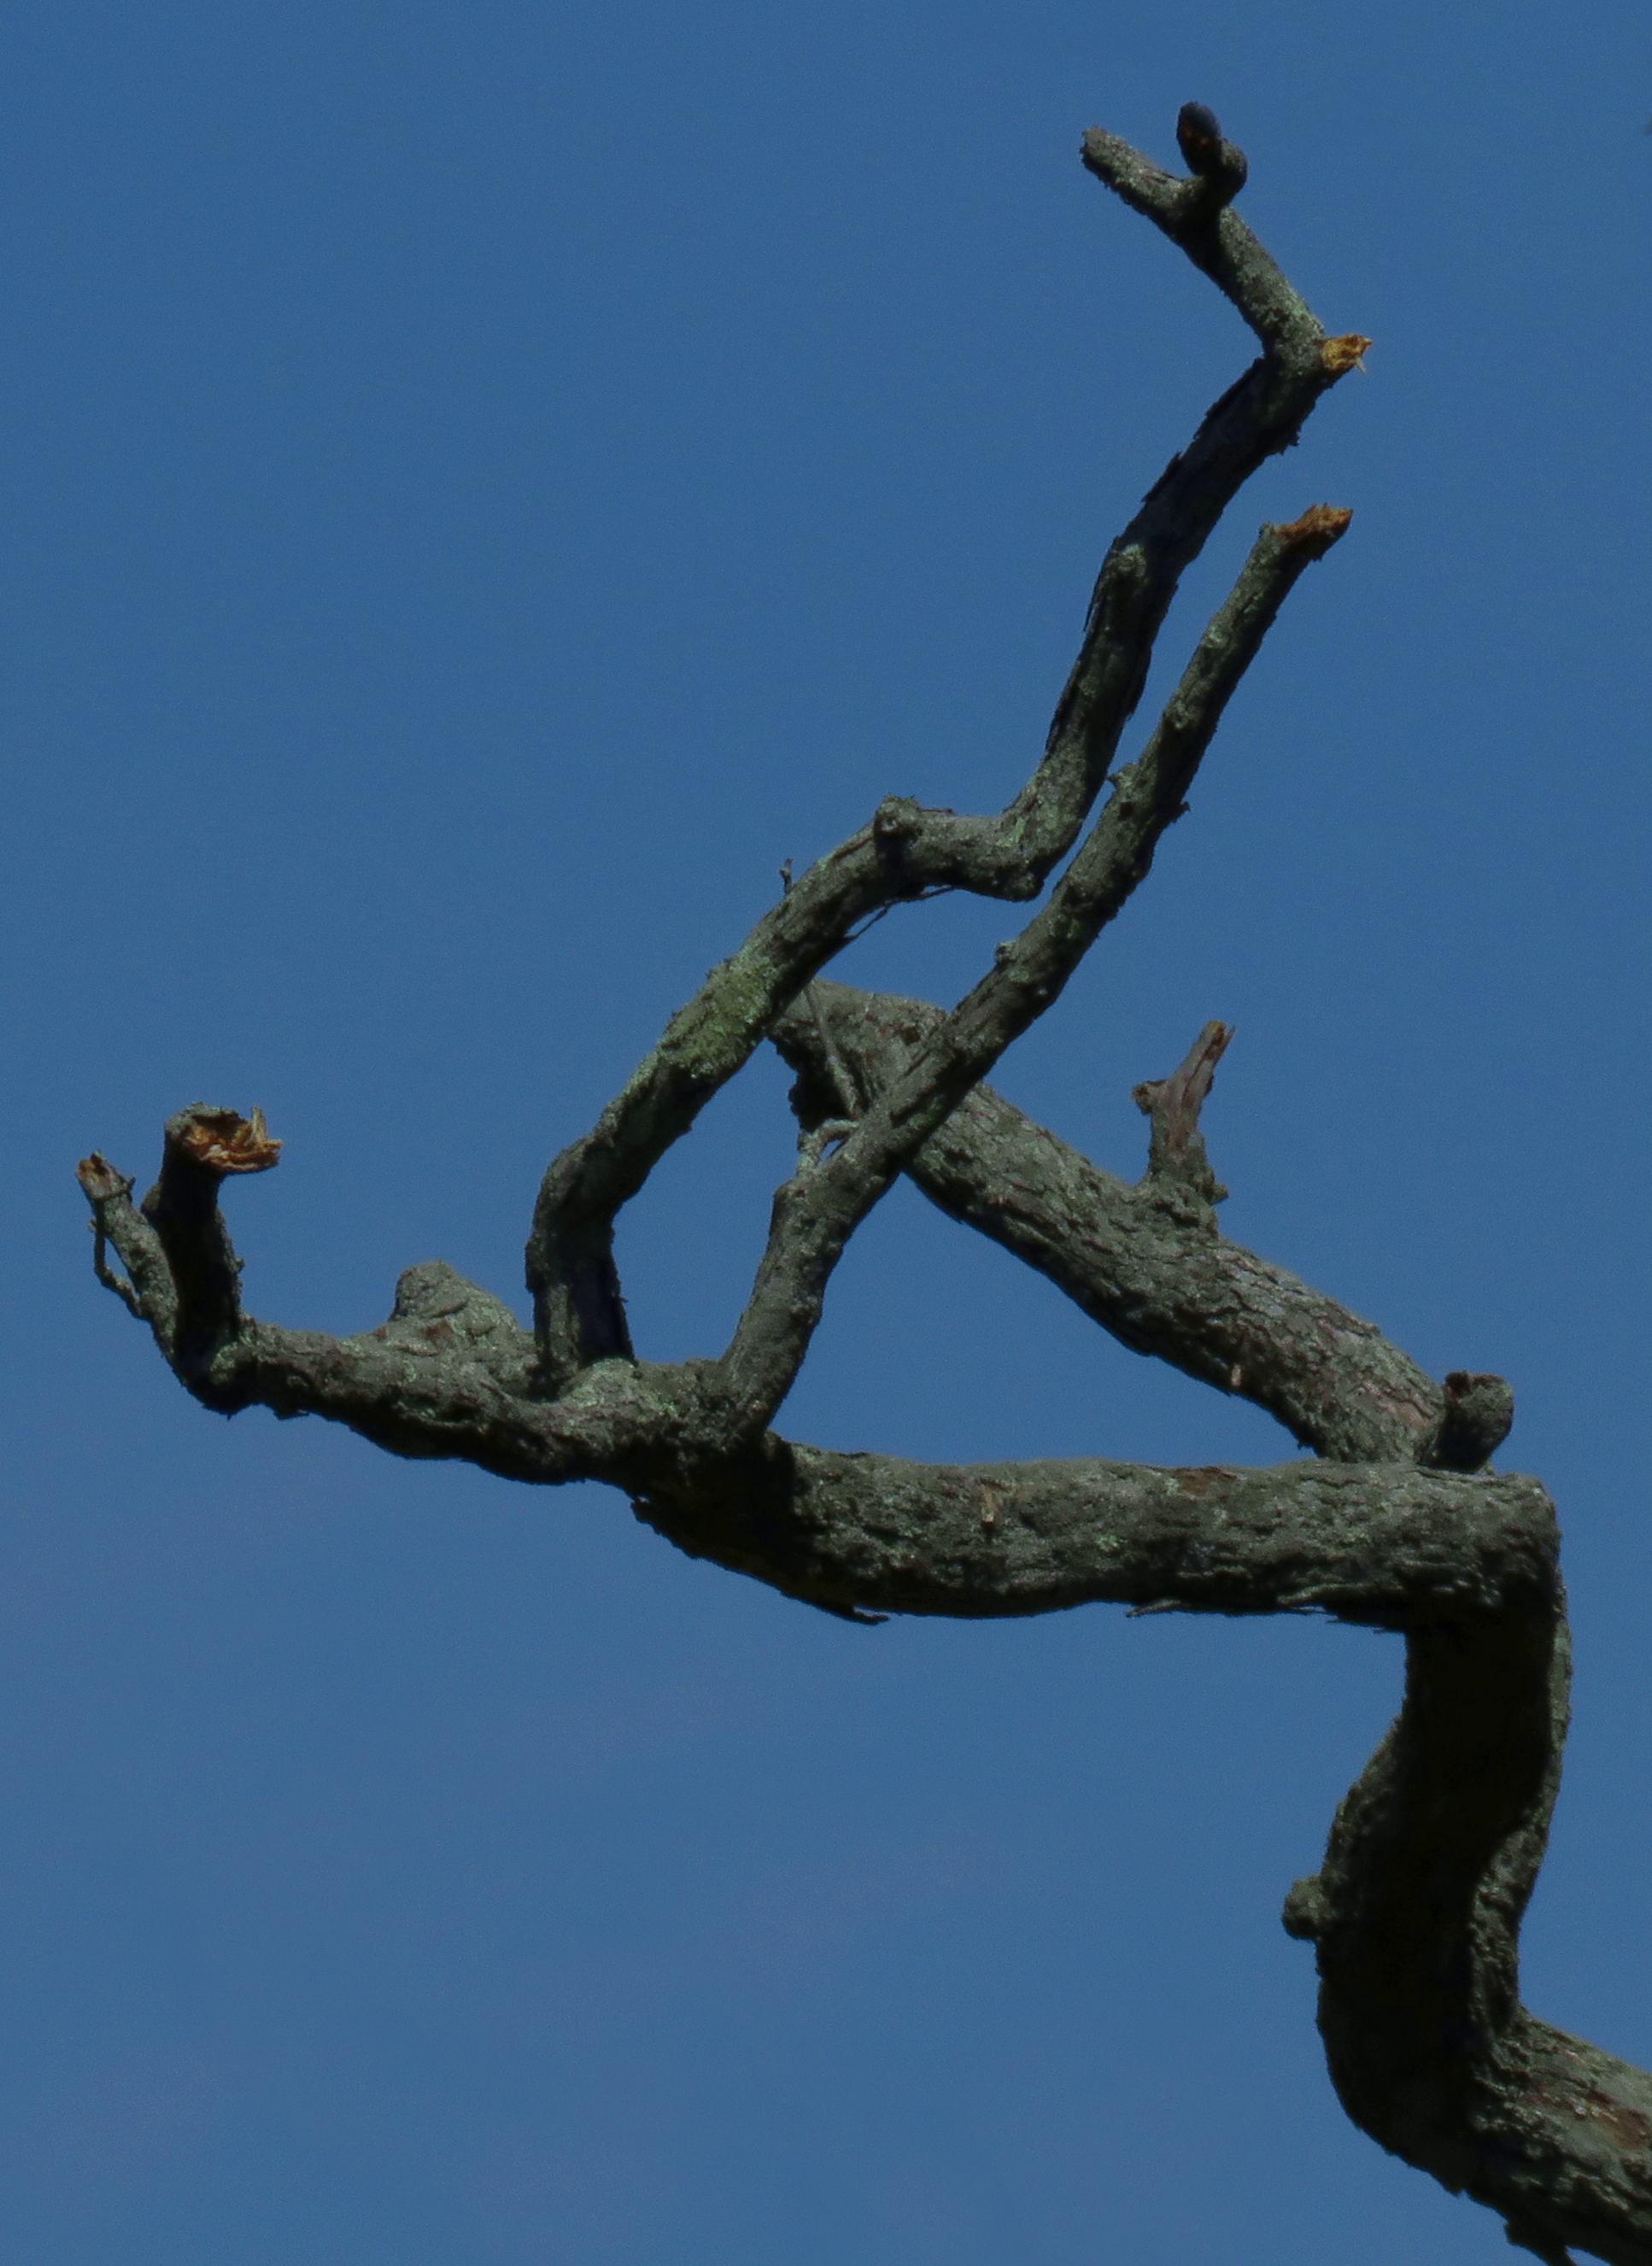 dark-branches_rot+8.1_crop_sat+23_tweak_sat-blu+13_840x1152